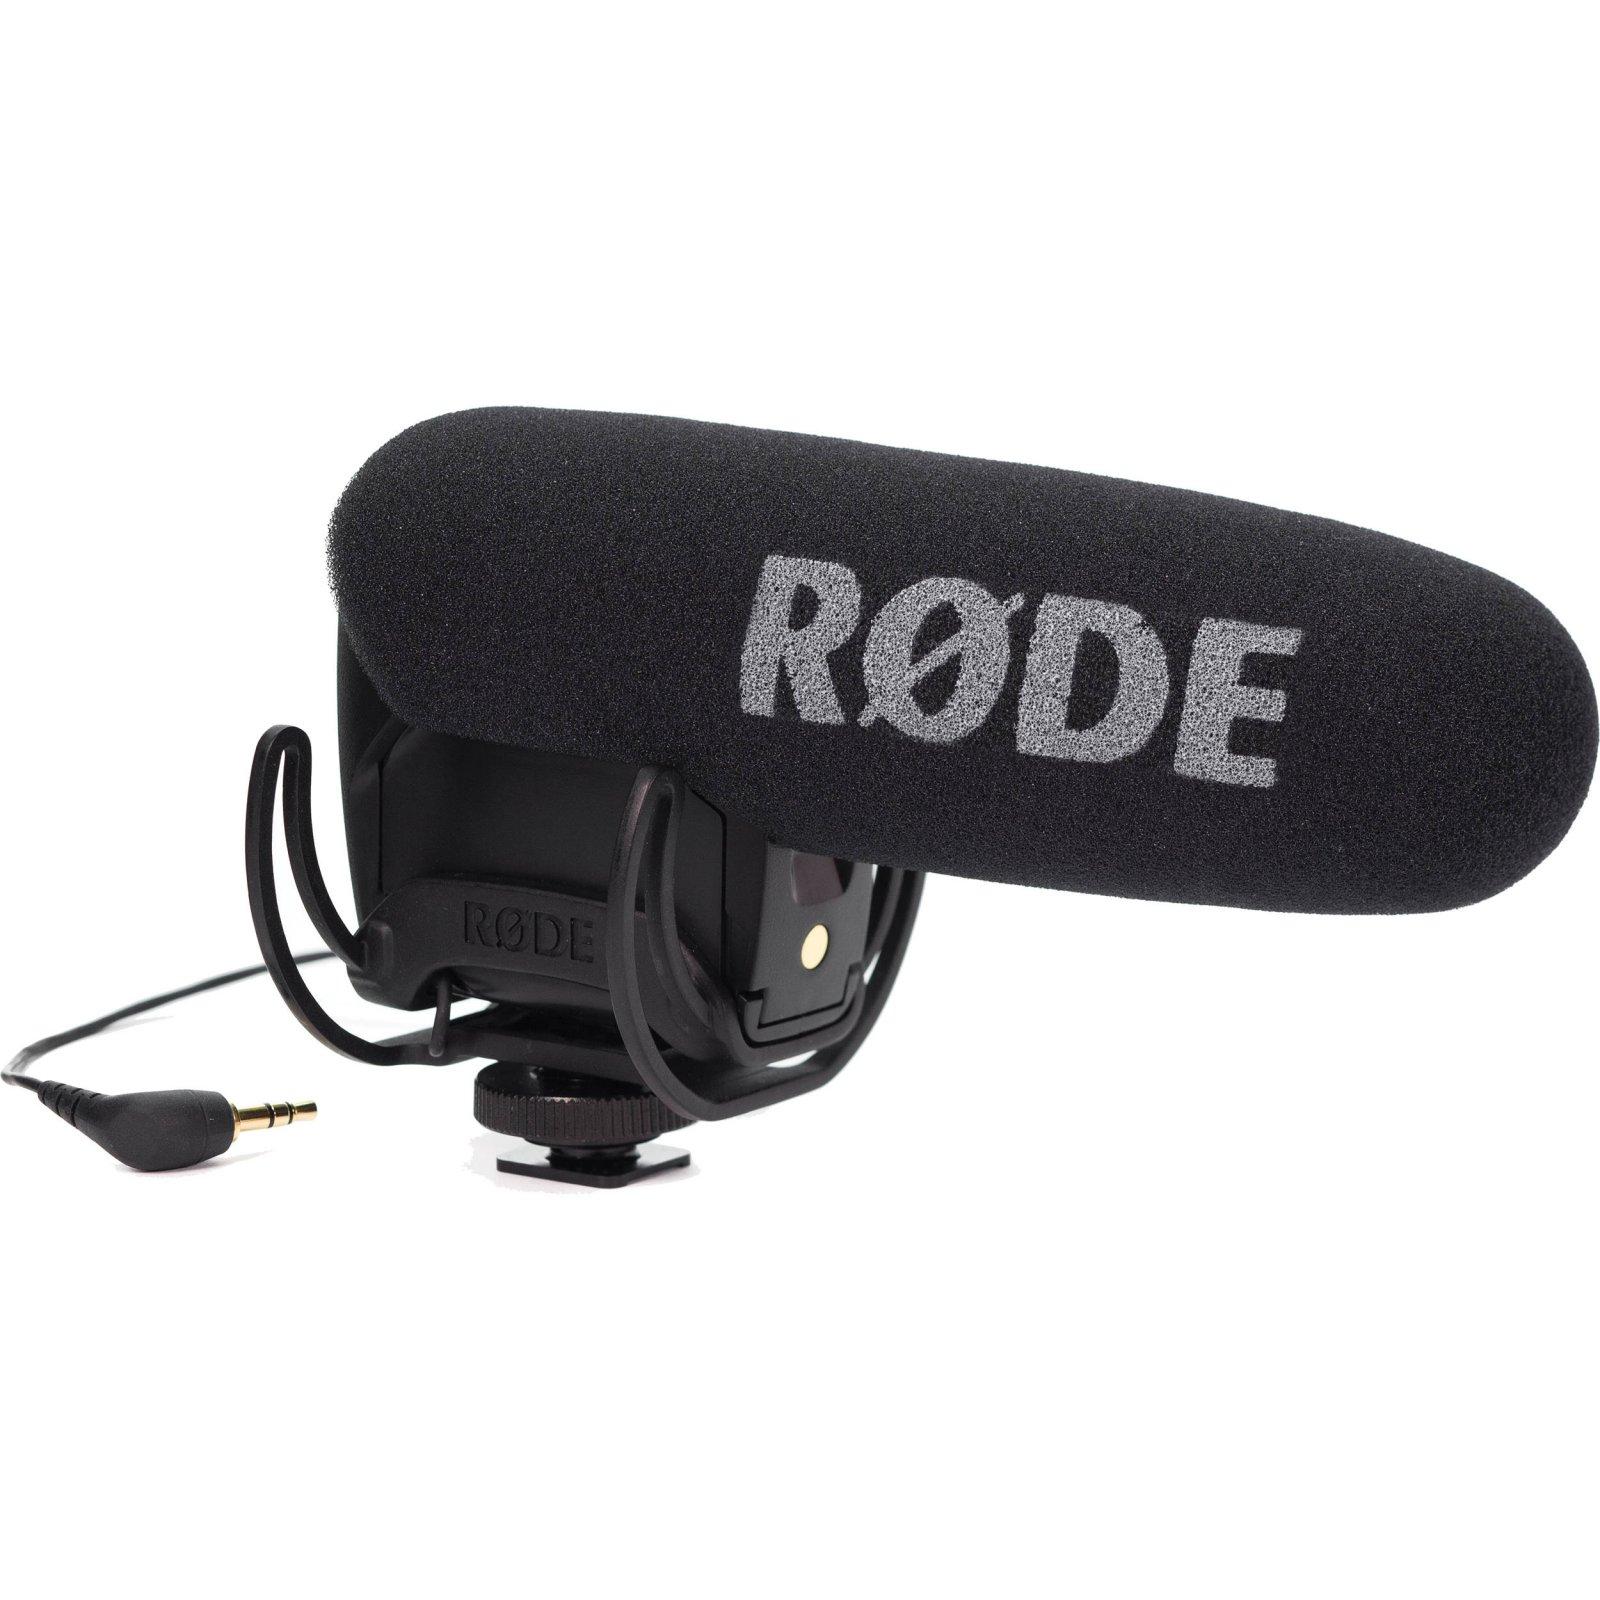 Rode VideoMic Pro On-Camera DSLR Shotgun Mic